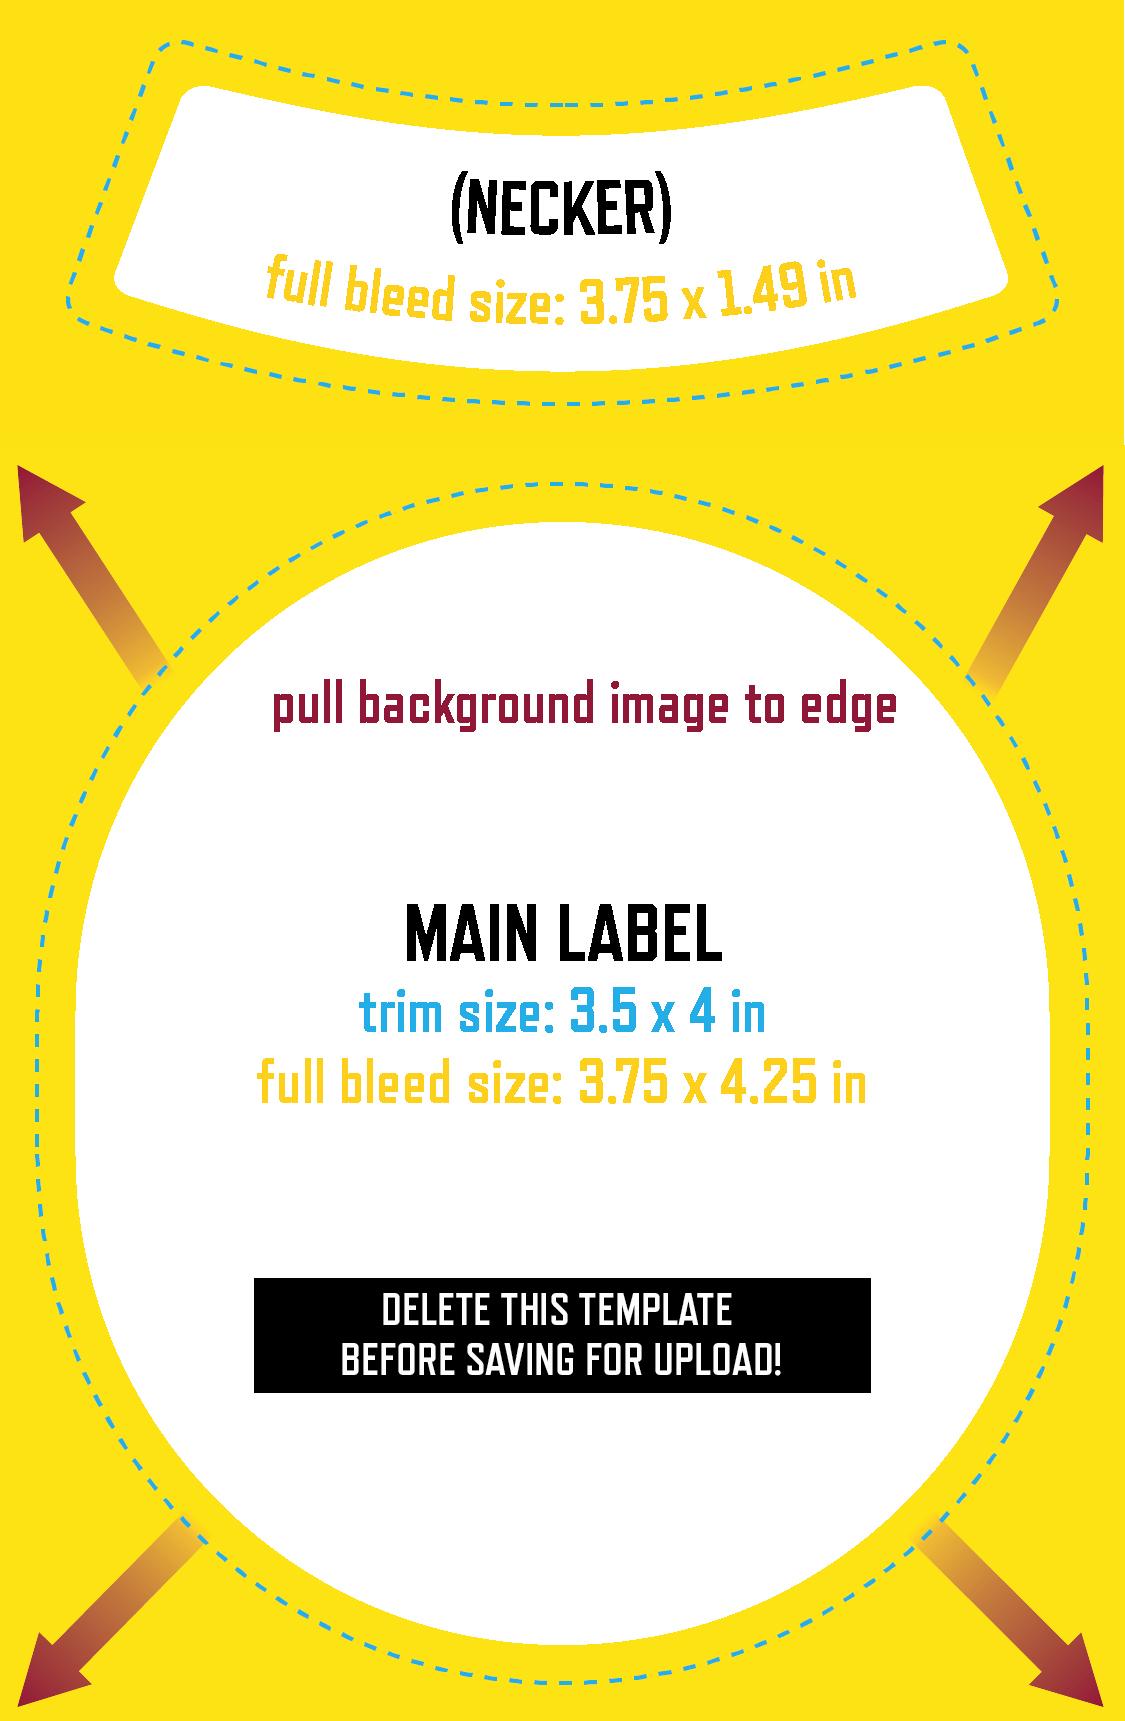 Beer Label Design Template Inspirational Uploading Your Own Design Grogtag